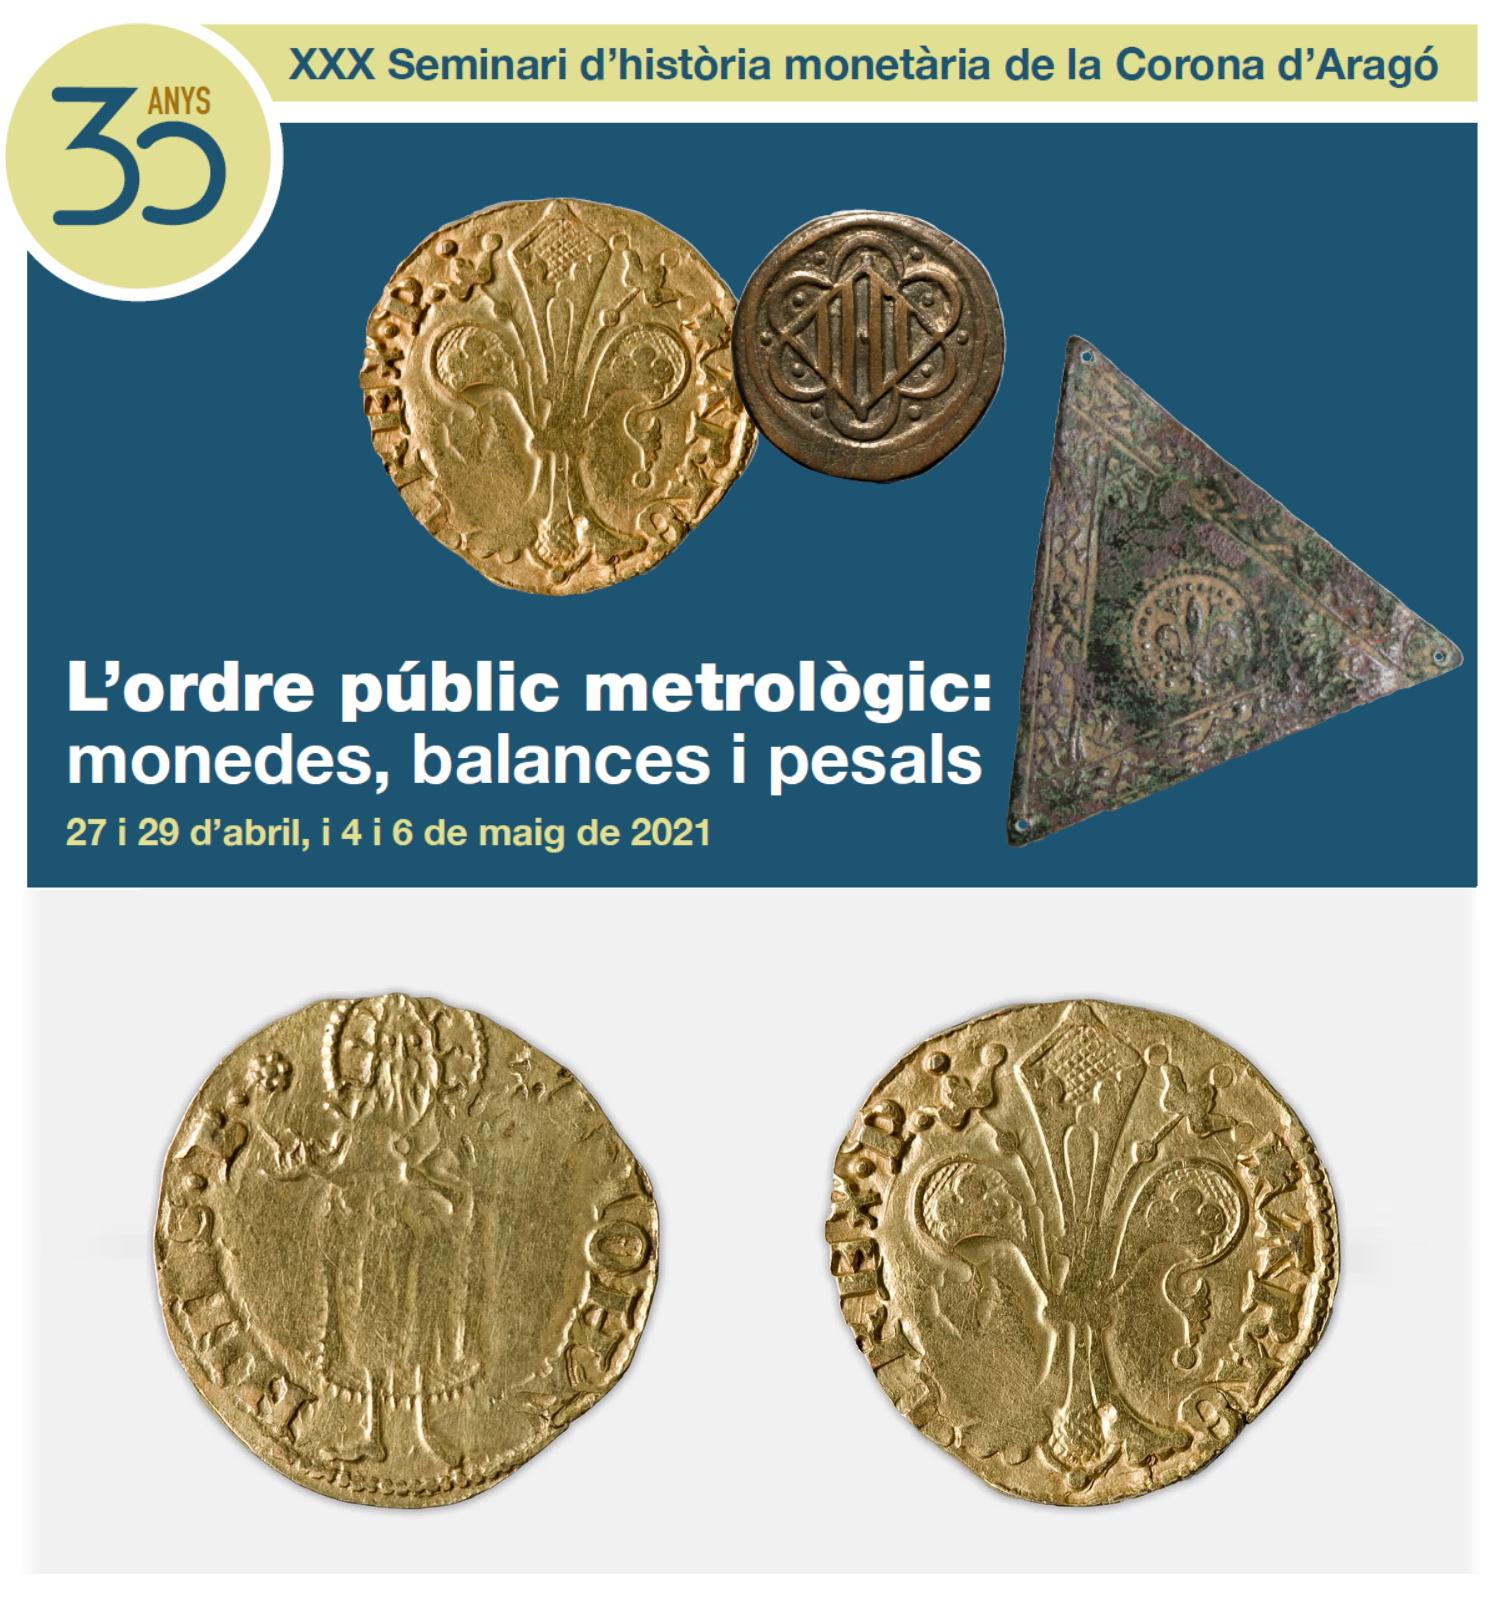 XXX Seminario de historia monetaria de la Corona de Aragón